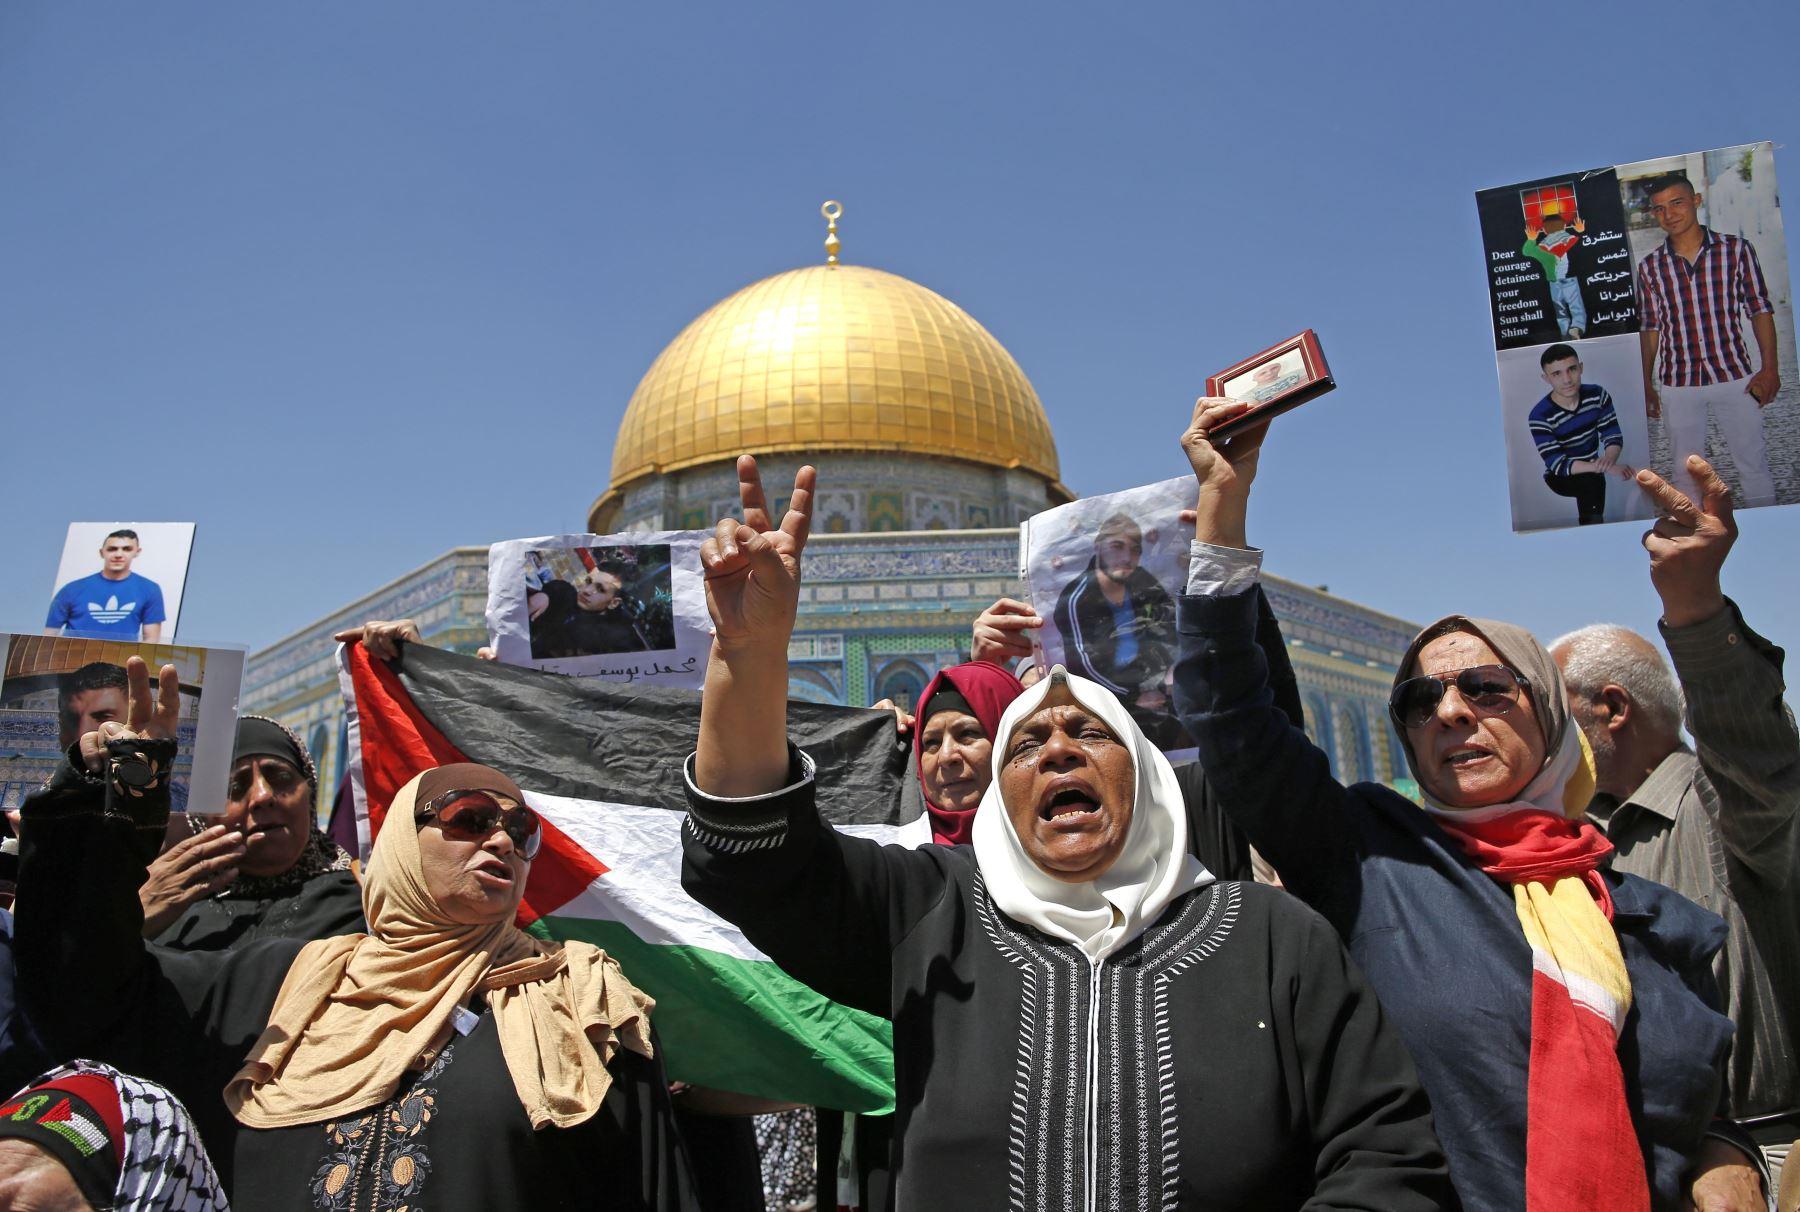 Familiares de palestinos encarcelados, protestan en Jerusalén. Foto: AFP